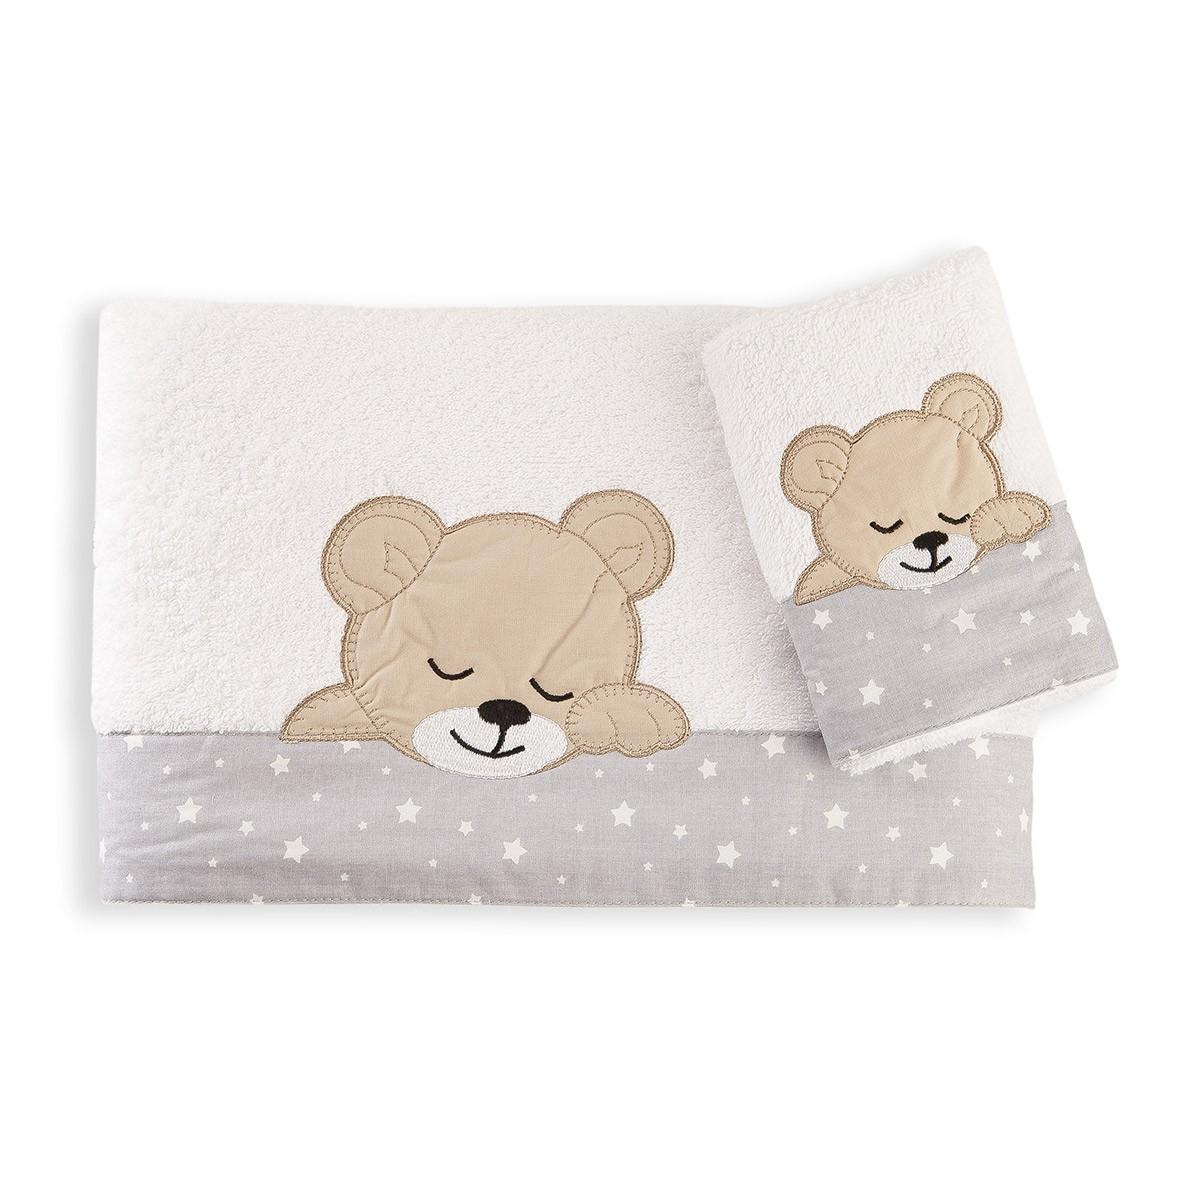 Βρεφικές Πετσέτες (Σετ 2τμχ) Dim Collection Sleeping Bear Cub 10